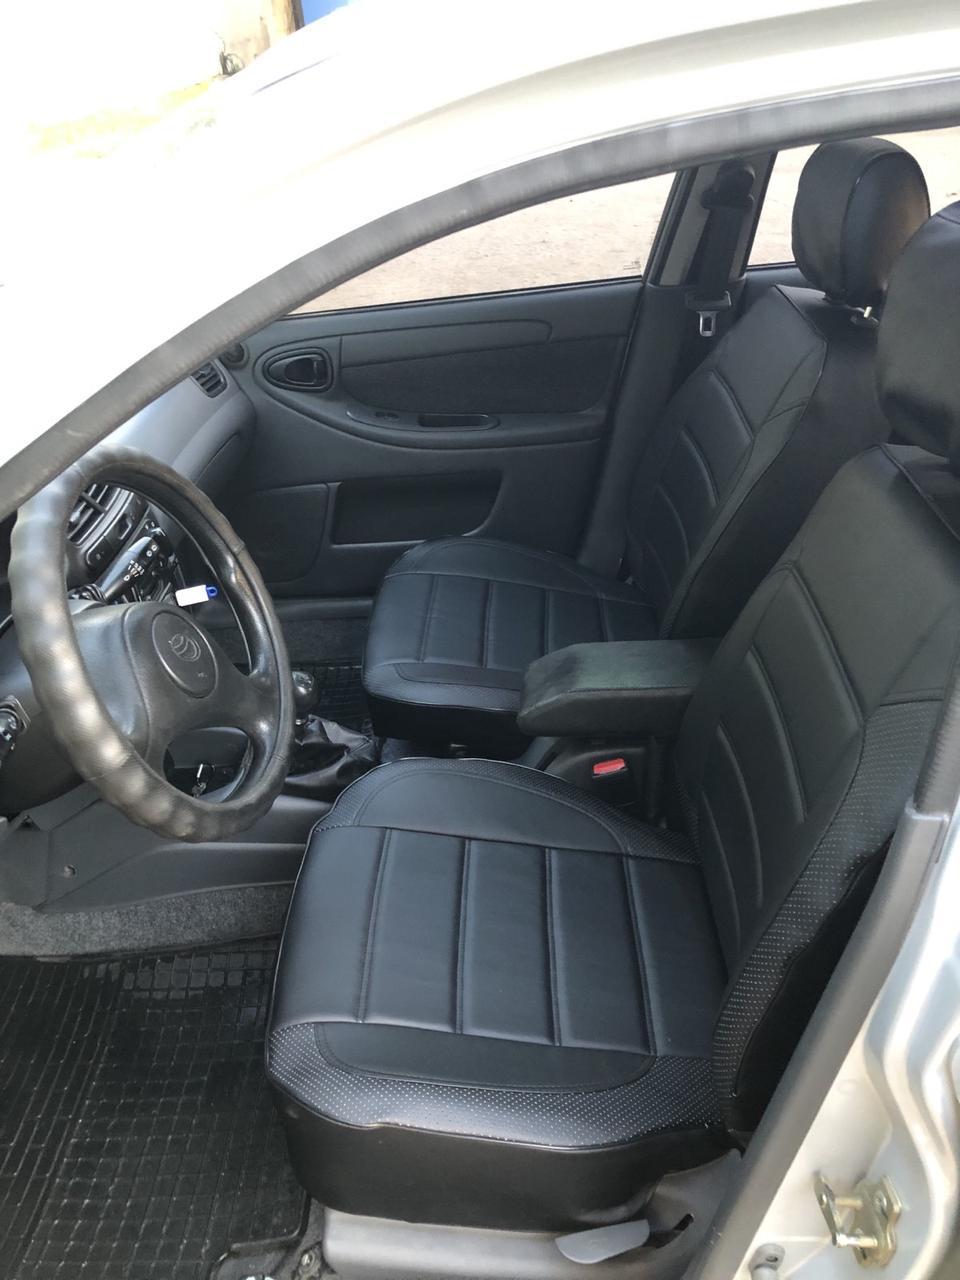 Чехлы на сиденья Пежо Партнер (Peugeot Partner) модельные MAX-L из экокожи Черный